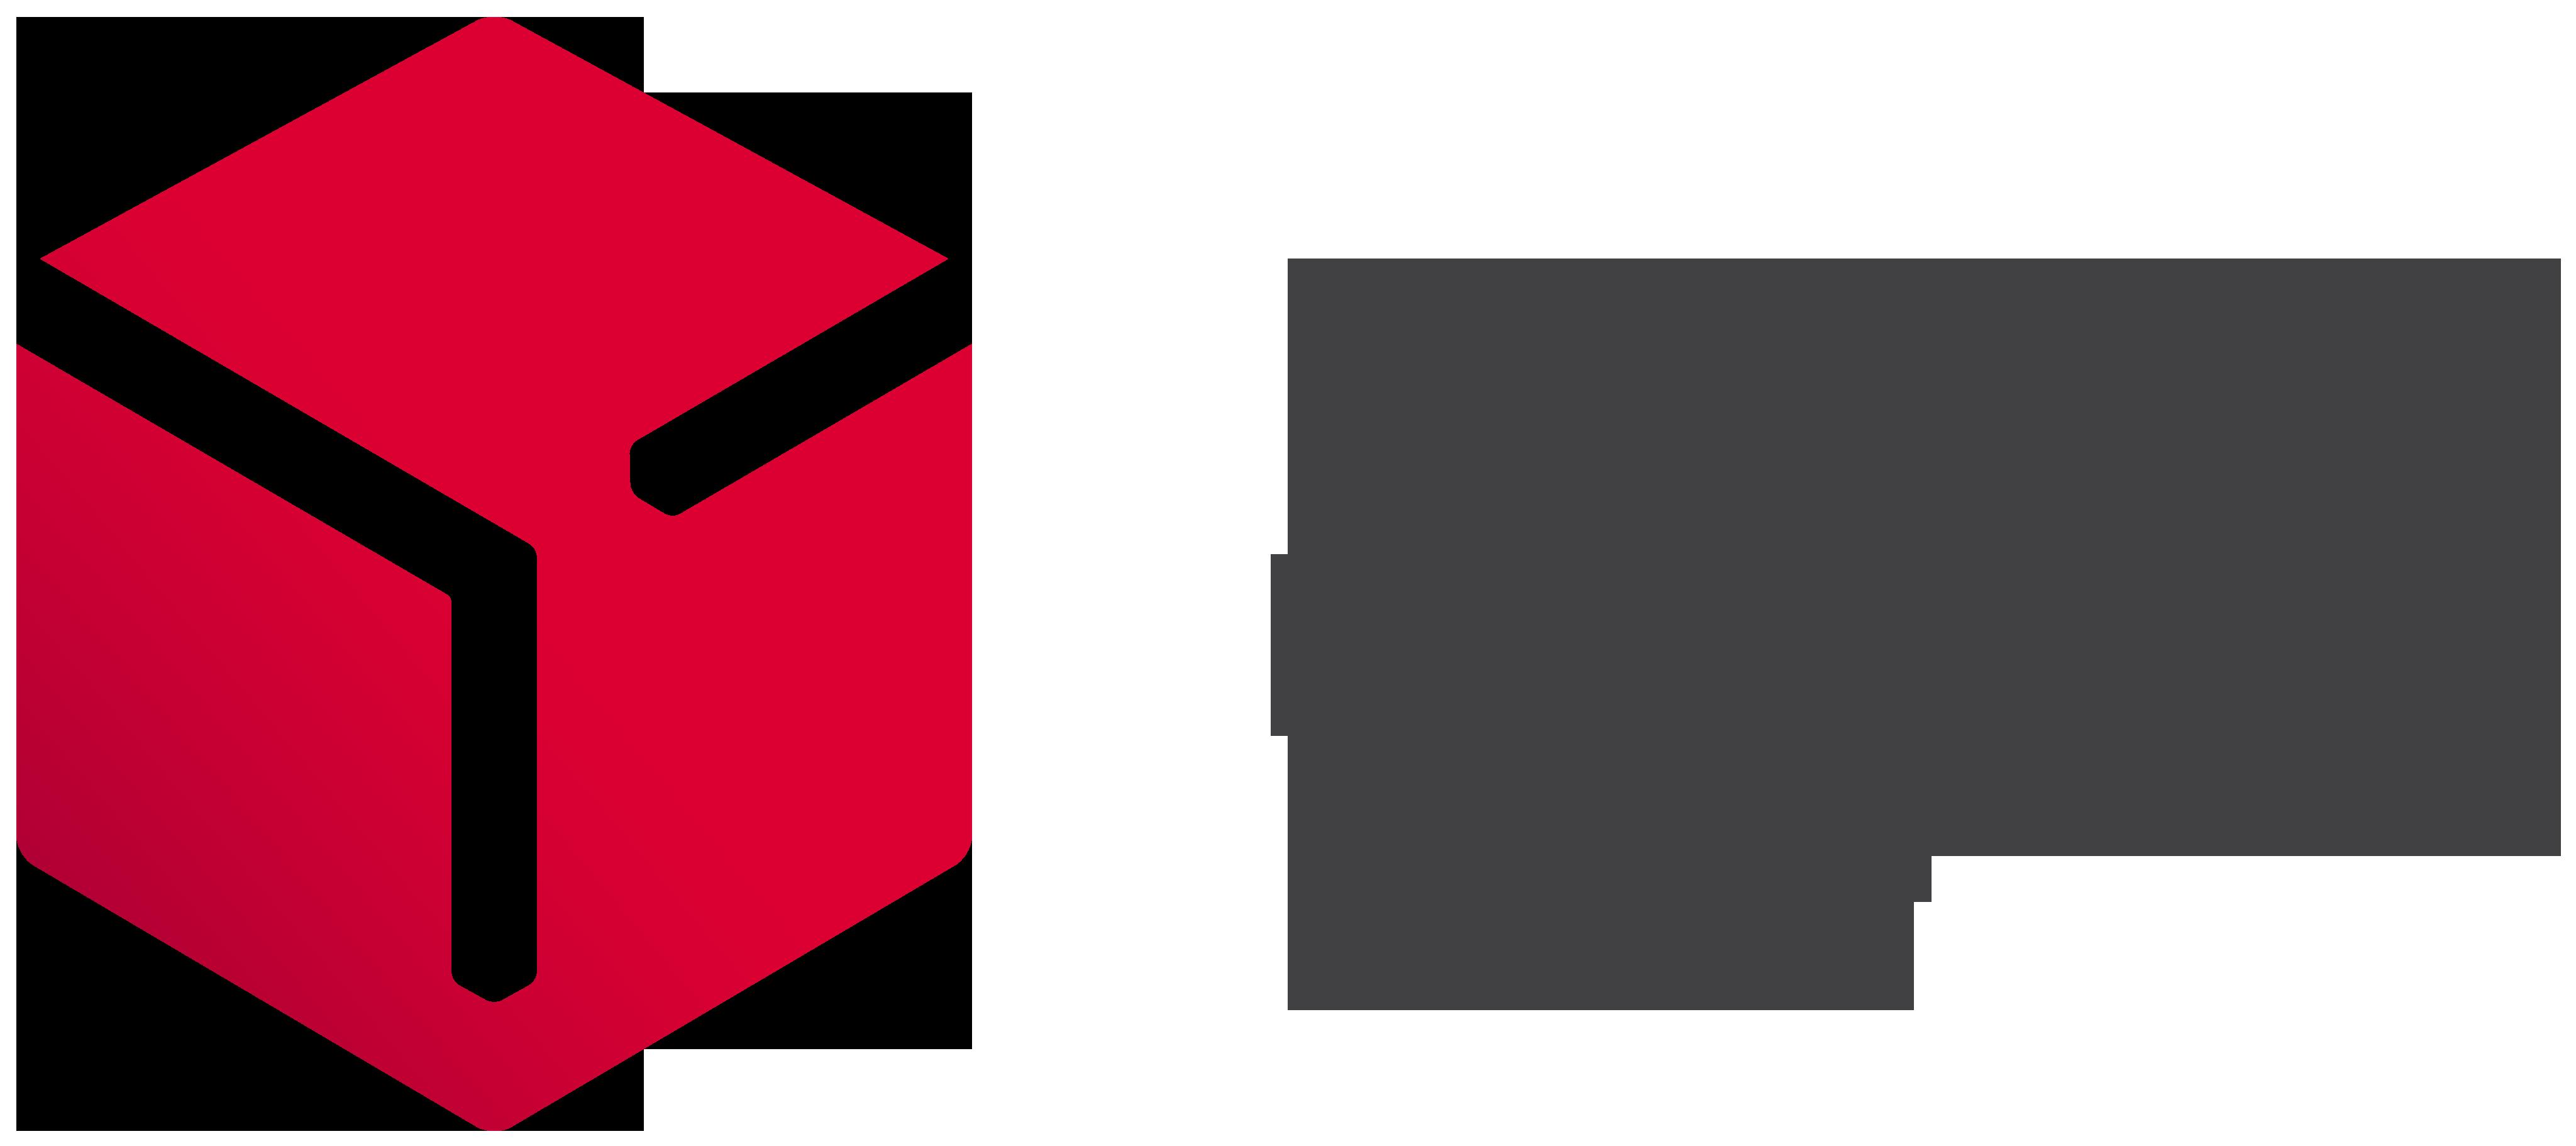 dpd_log_png